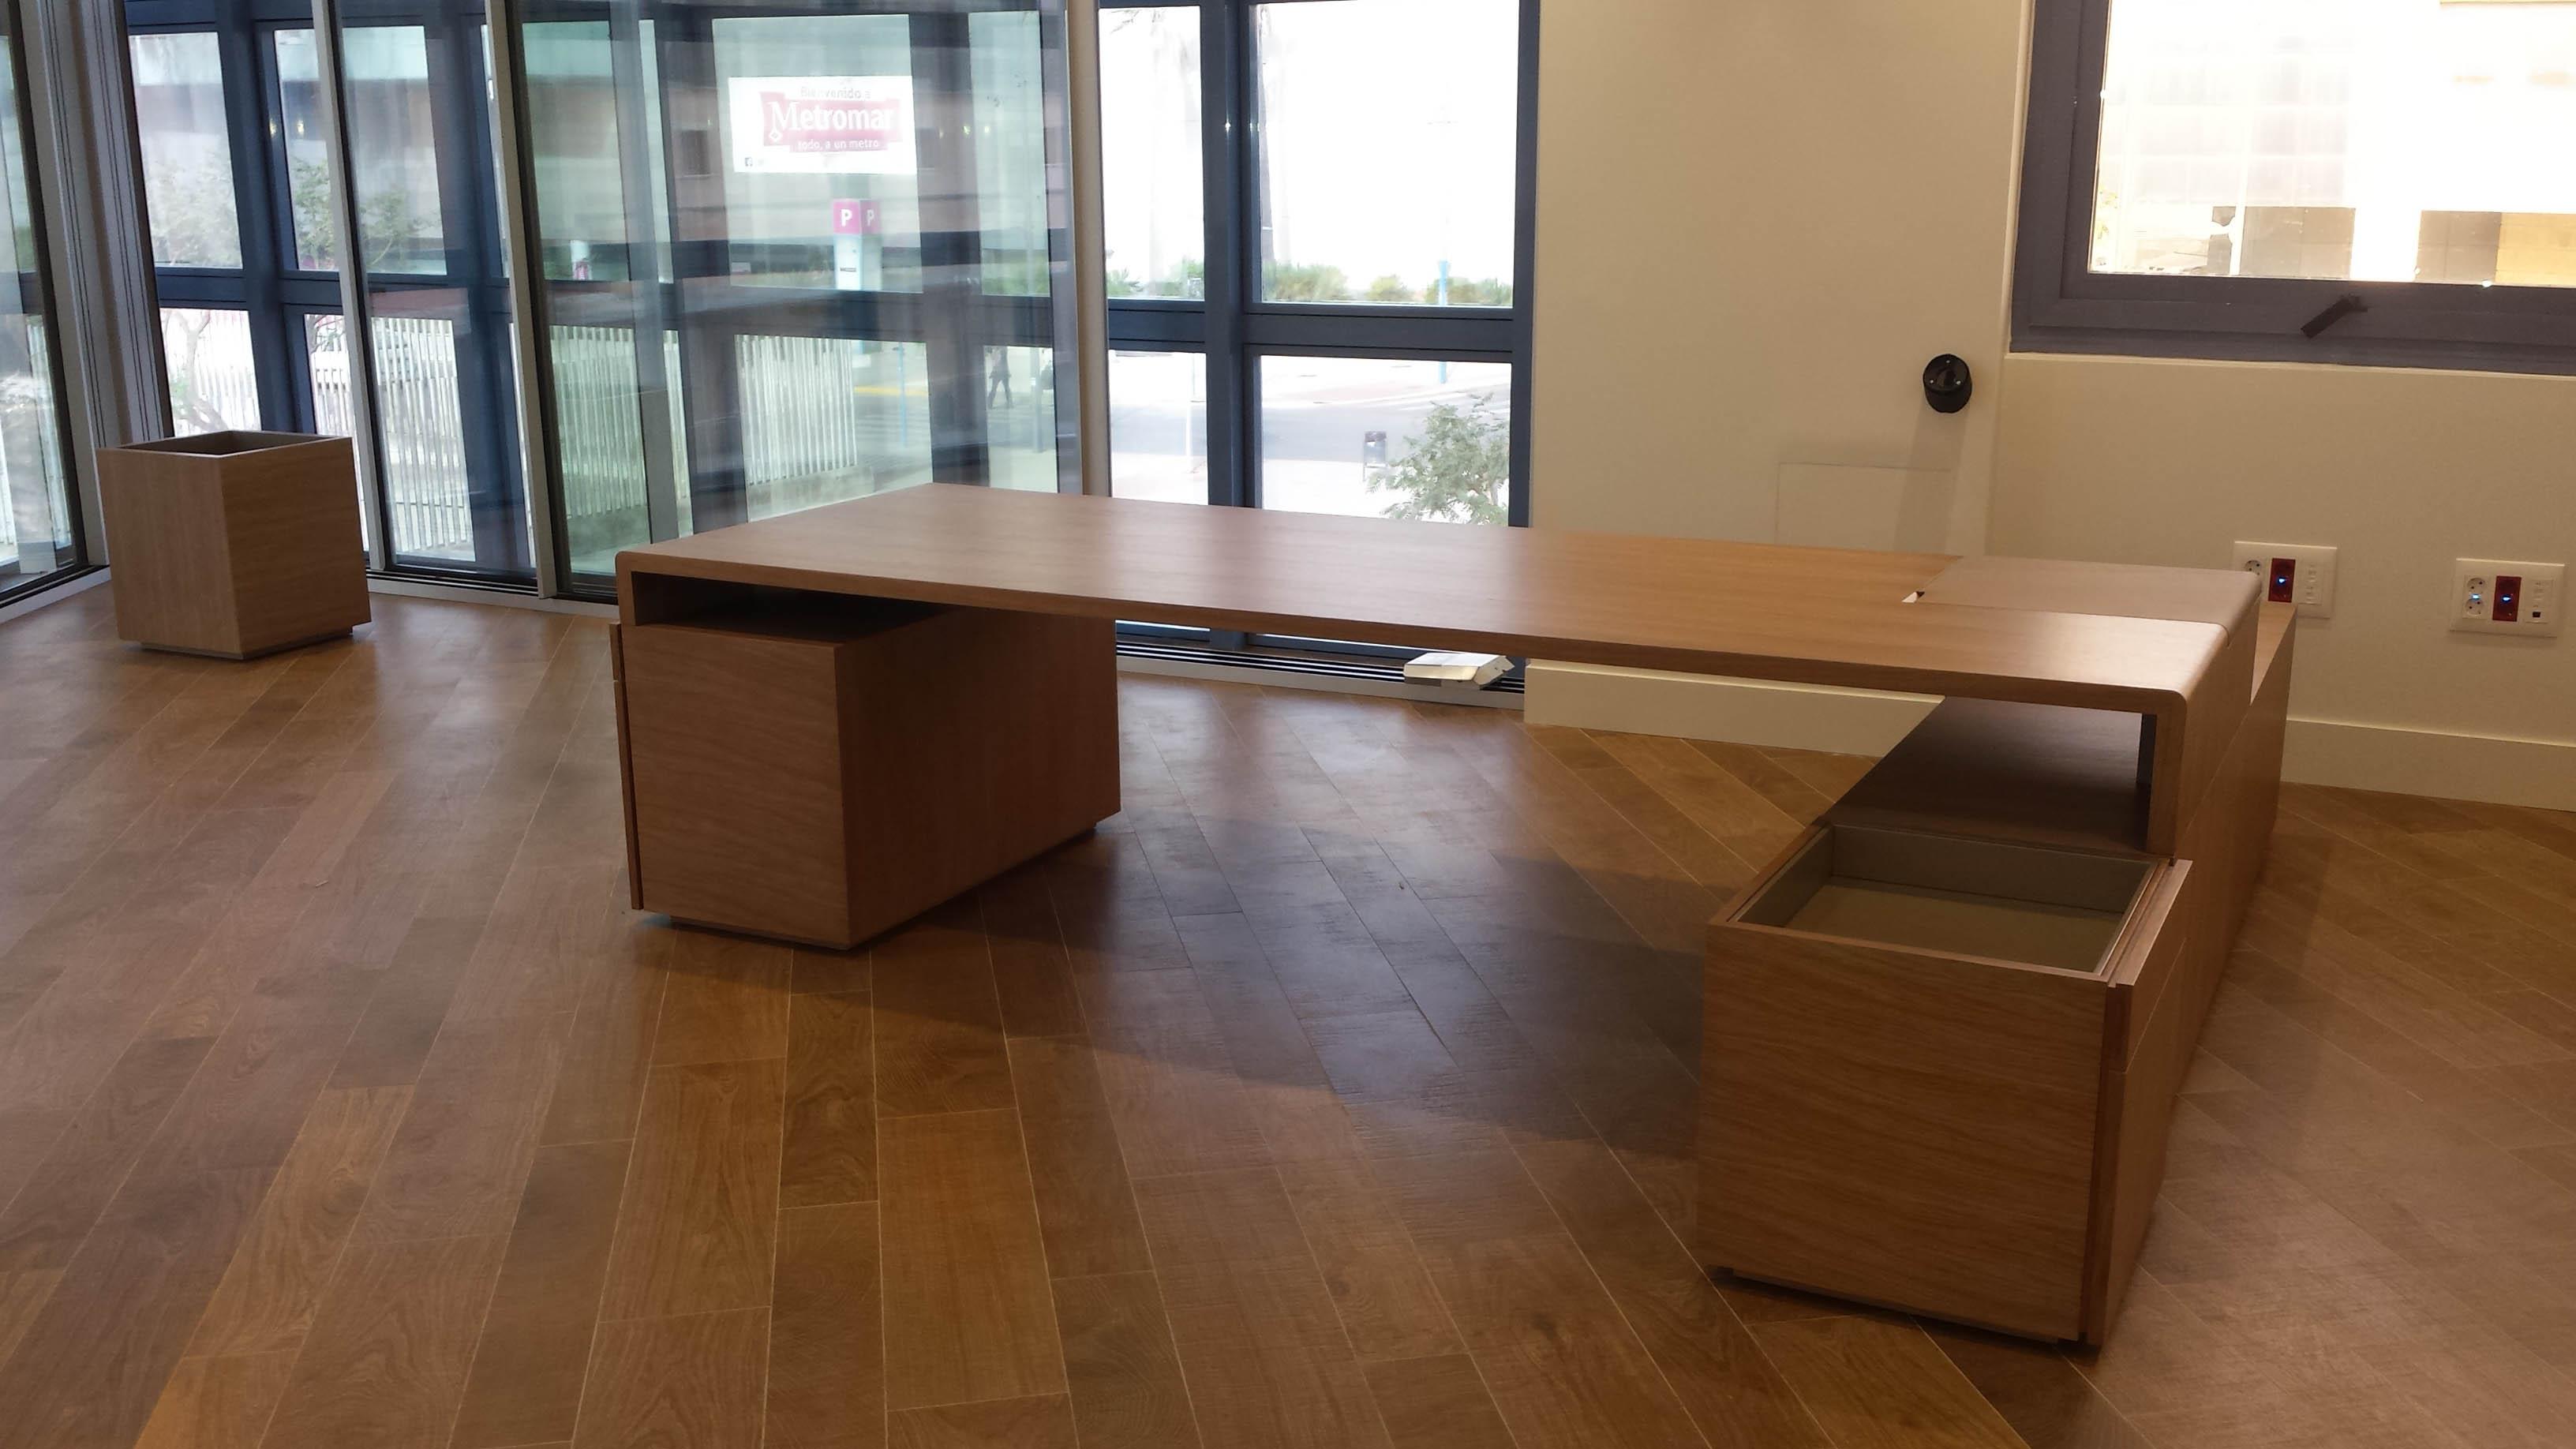 portfolio proyectos de oficinas Sevilla: Mobiliario de oficina para diseño de interiores